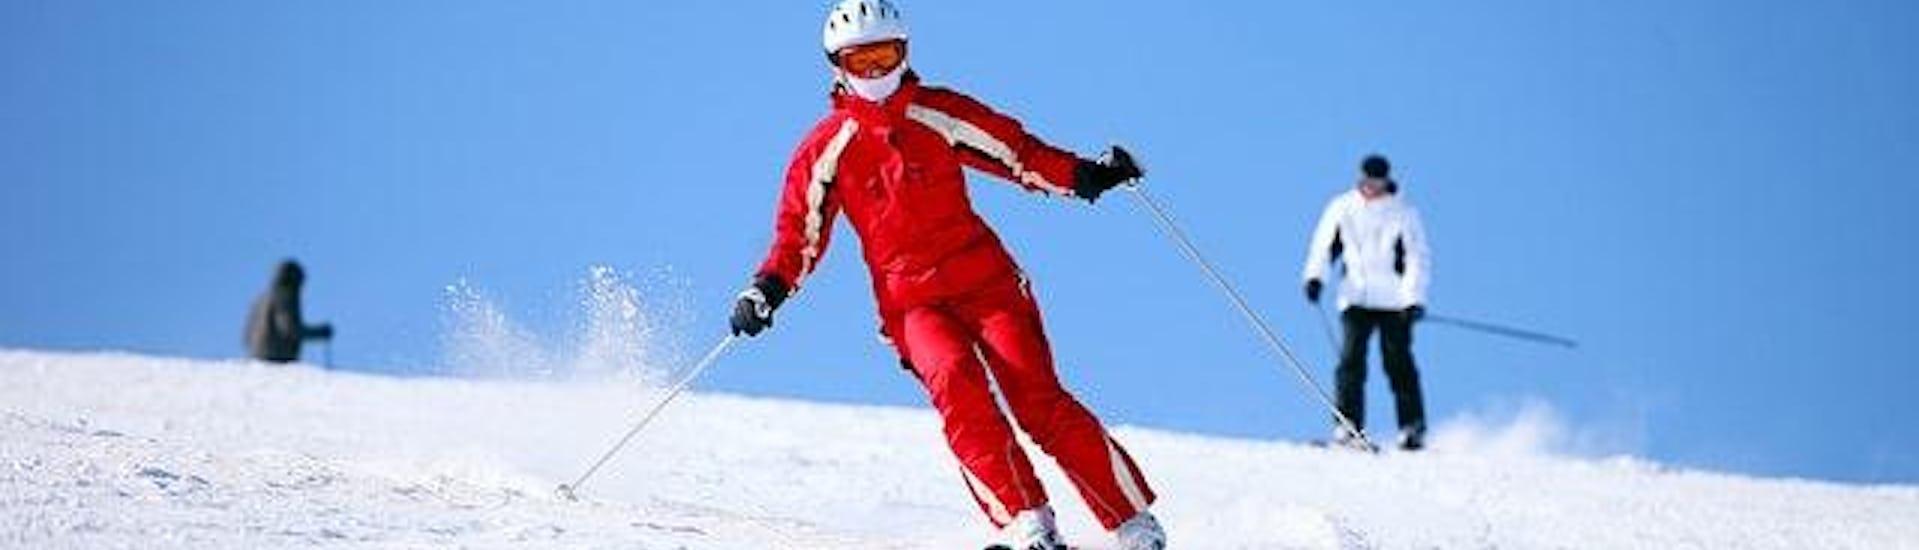 Ski Privatlehrer für Erwachsene in Lech/Zürs - Alle Levels